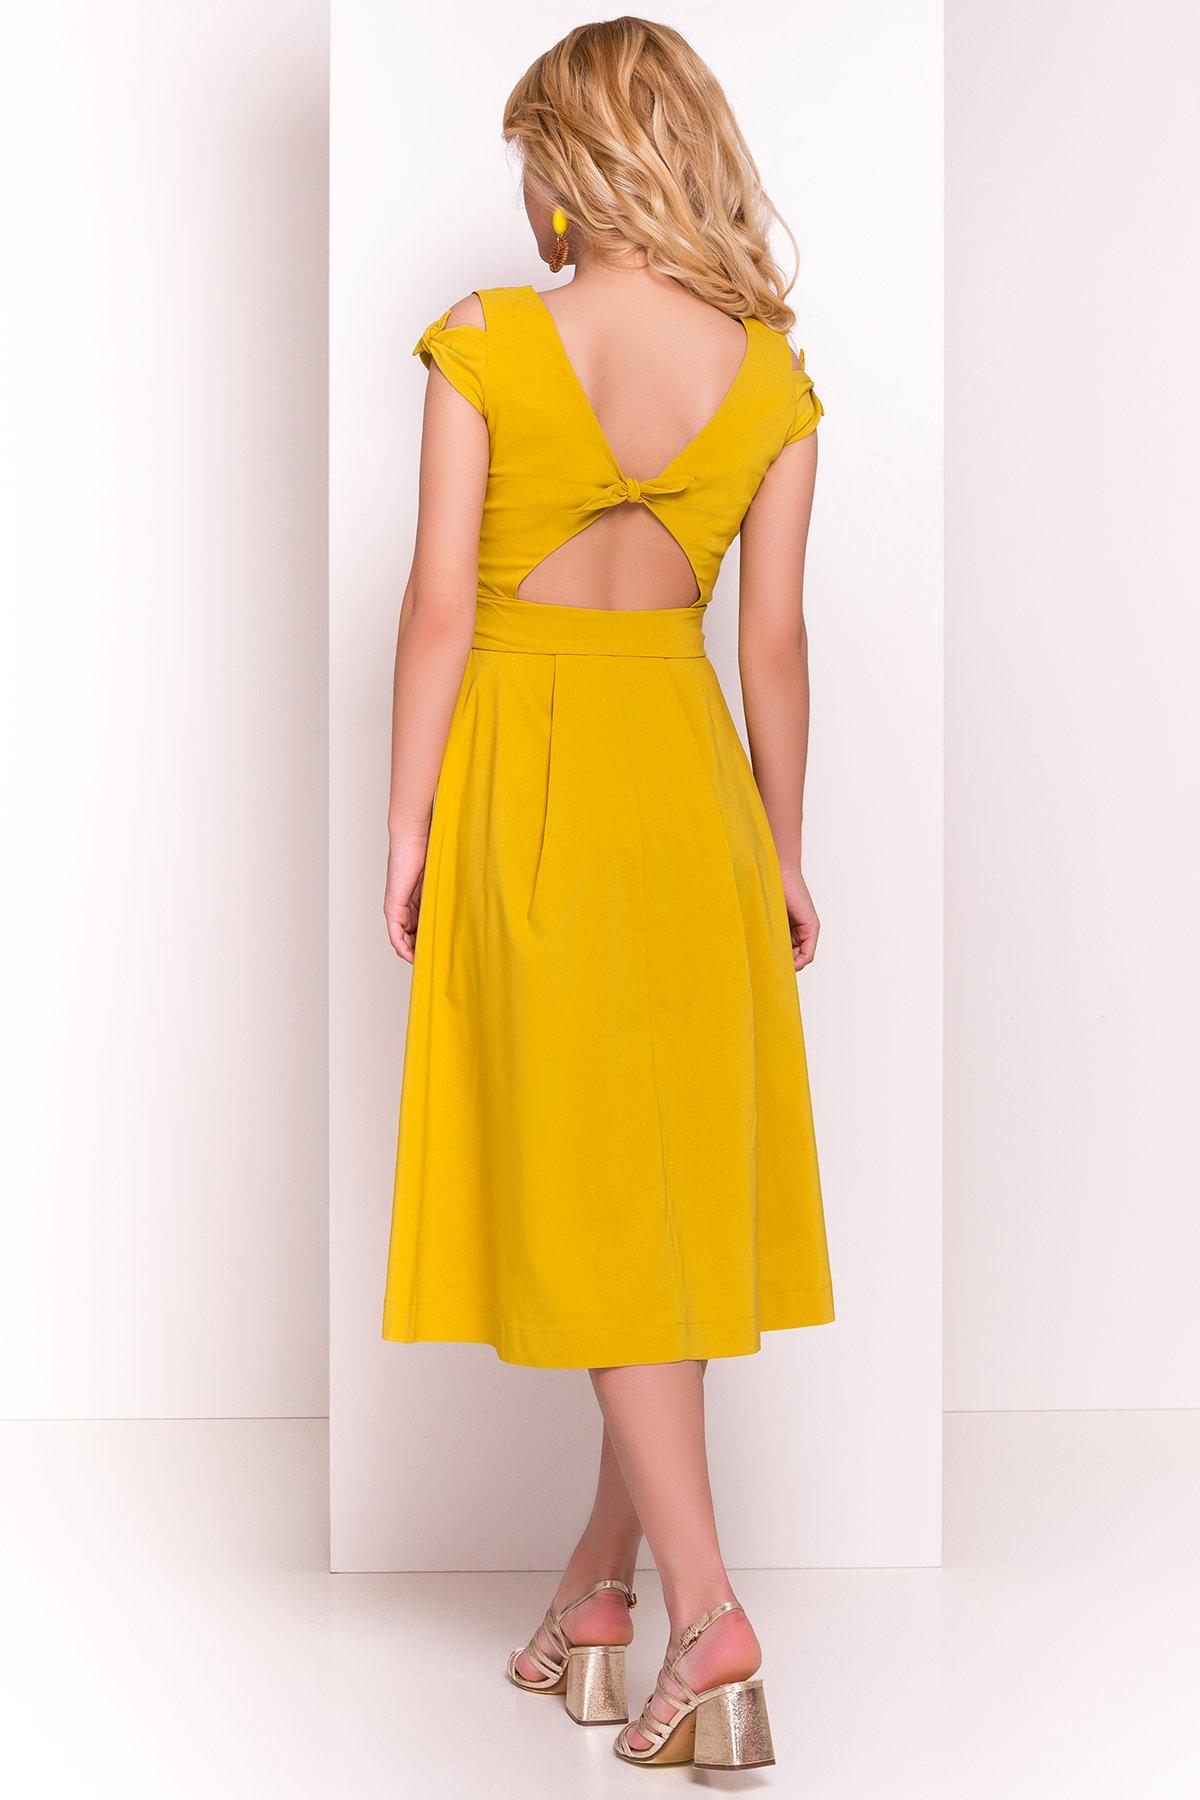 Платье Жадор 5125 Цвет: Горчица